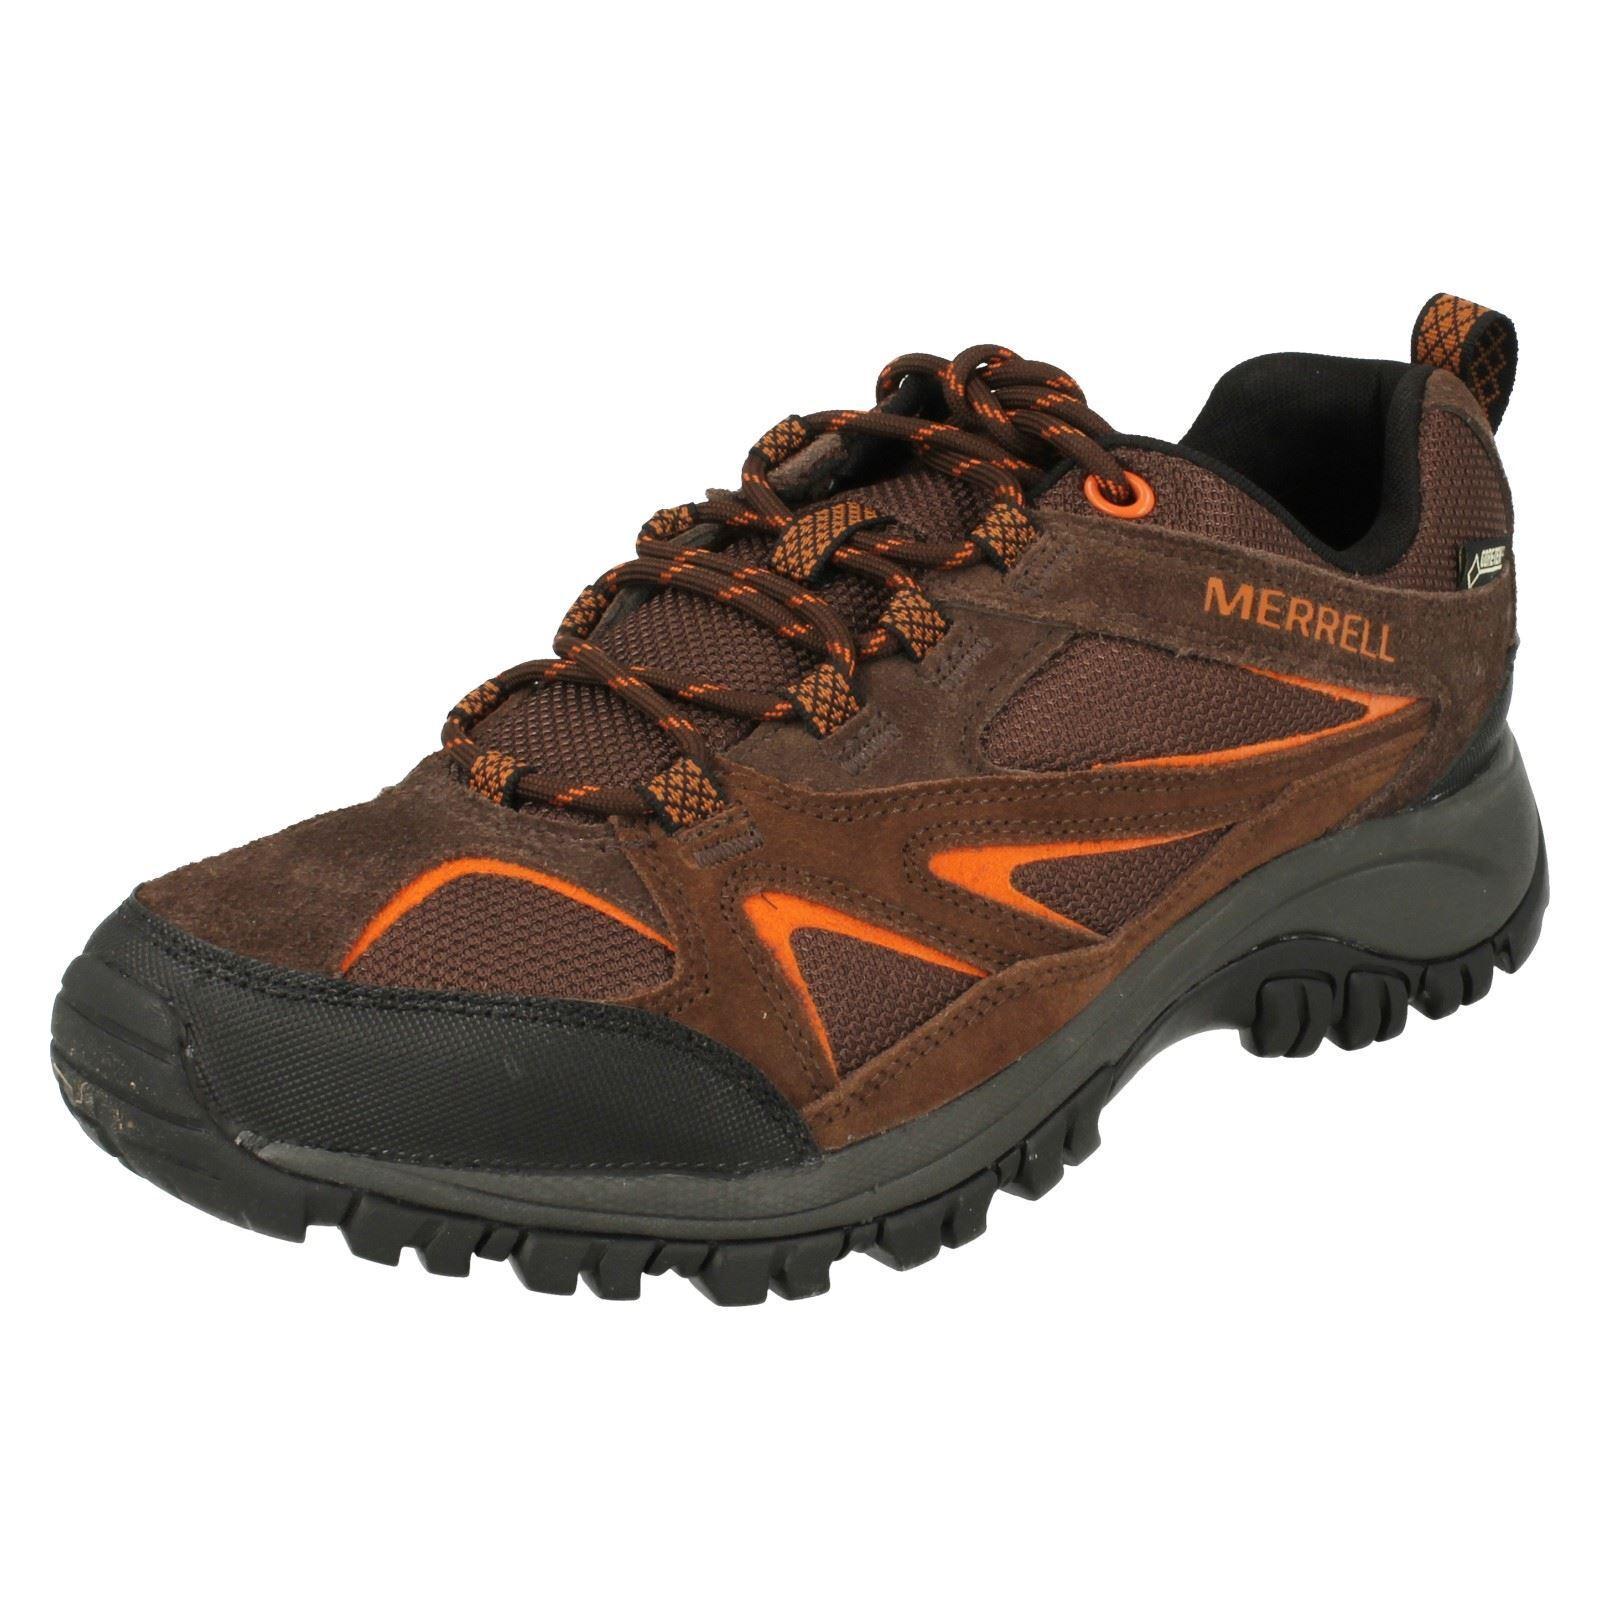 Mens Merrell Casual shoes - Phoenix blueff Gore-Tex